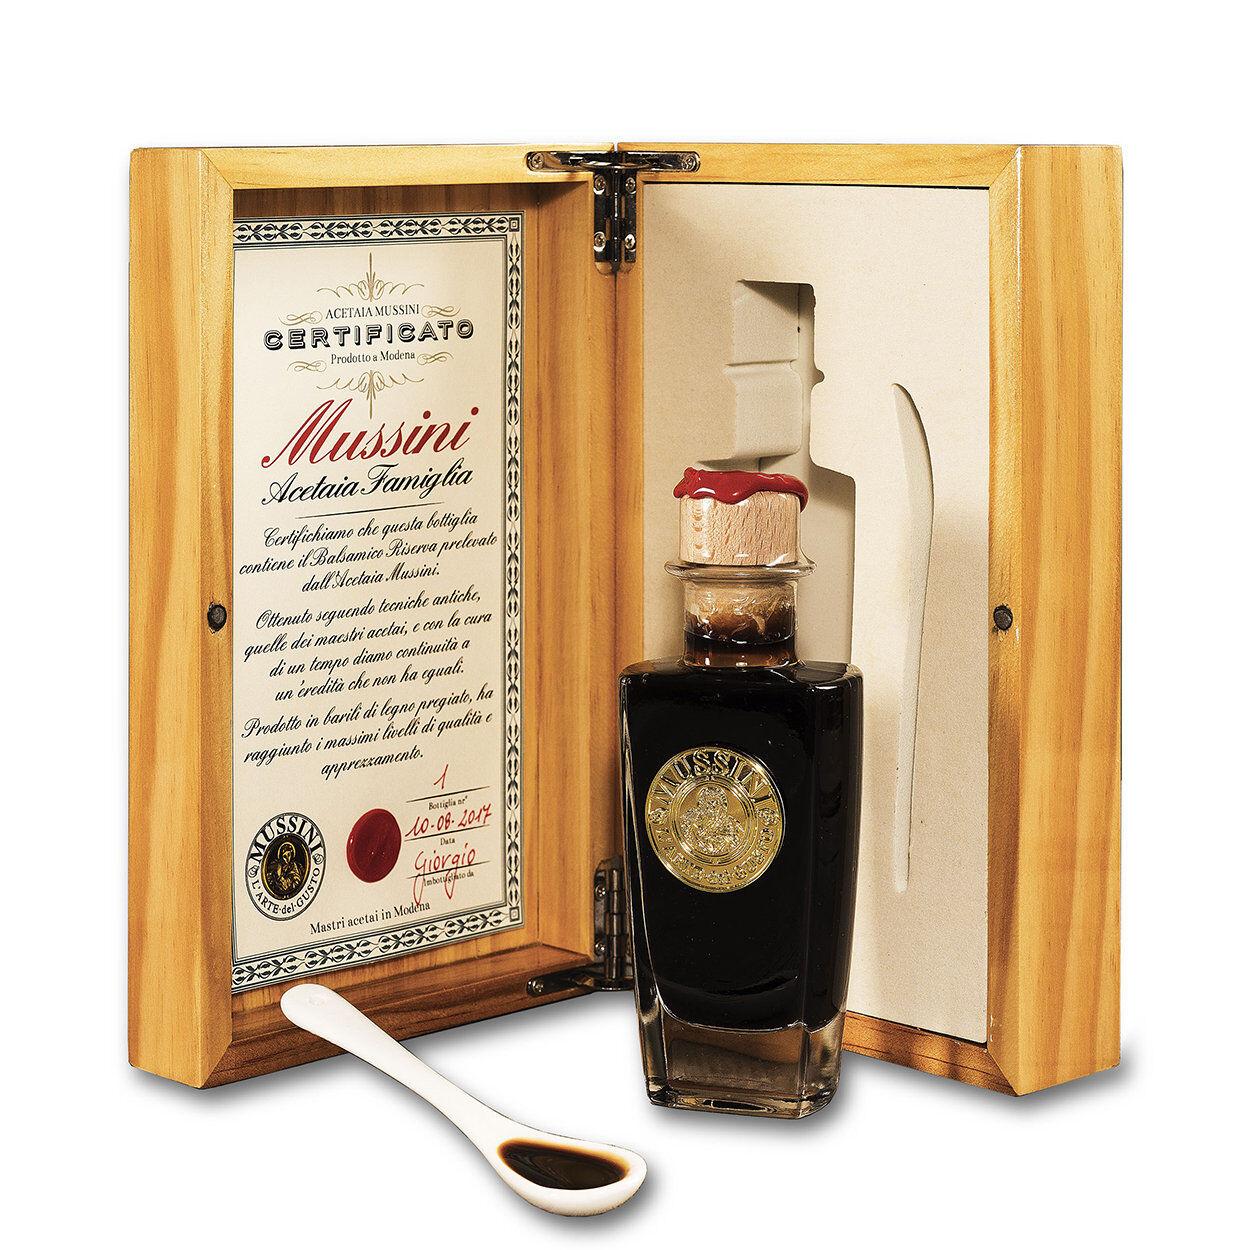 Mussini 1 confezione in legno - Condimento Nobile Acetaia di famiglia Mussini Pregiato